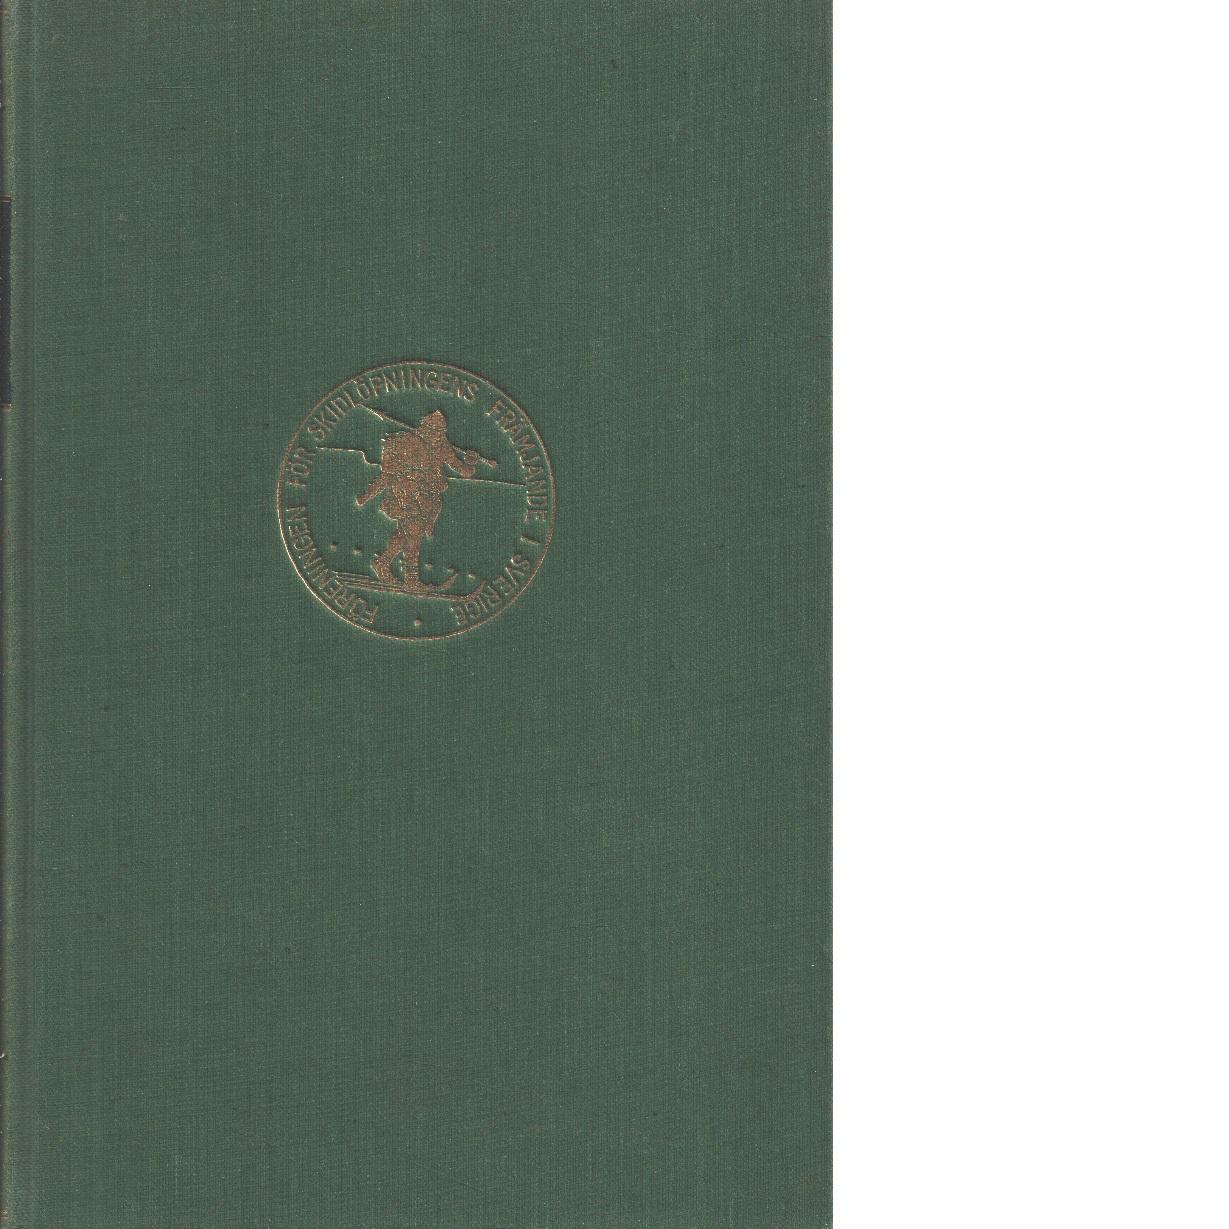 På skidor : Skid- och friluftsfrämjandets årsbok. Årsbok 1942 - Skid- och friluftsfrämjandet